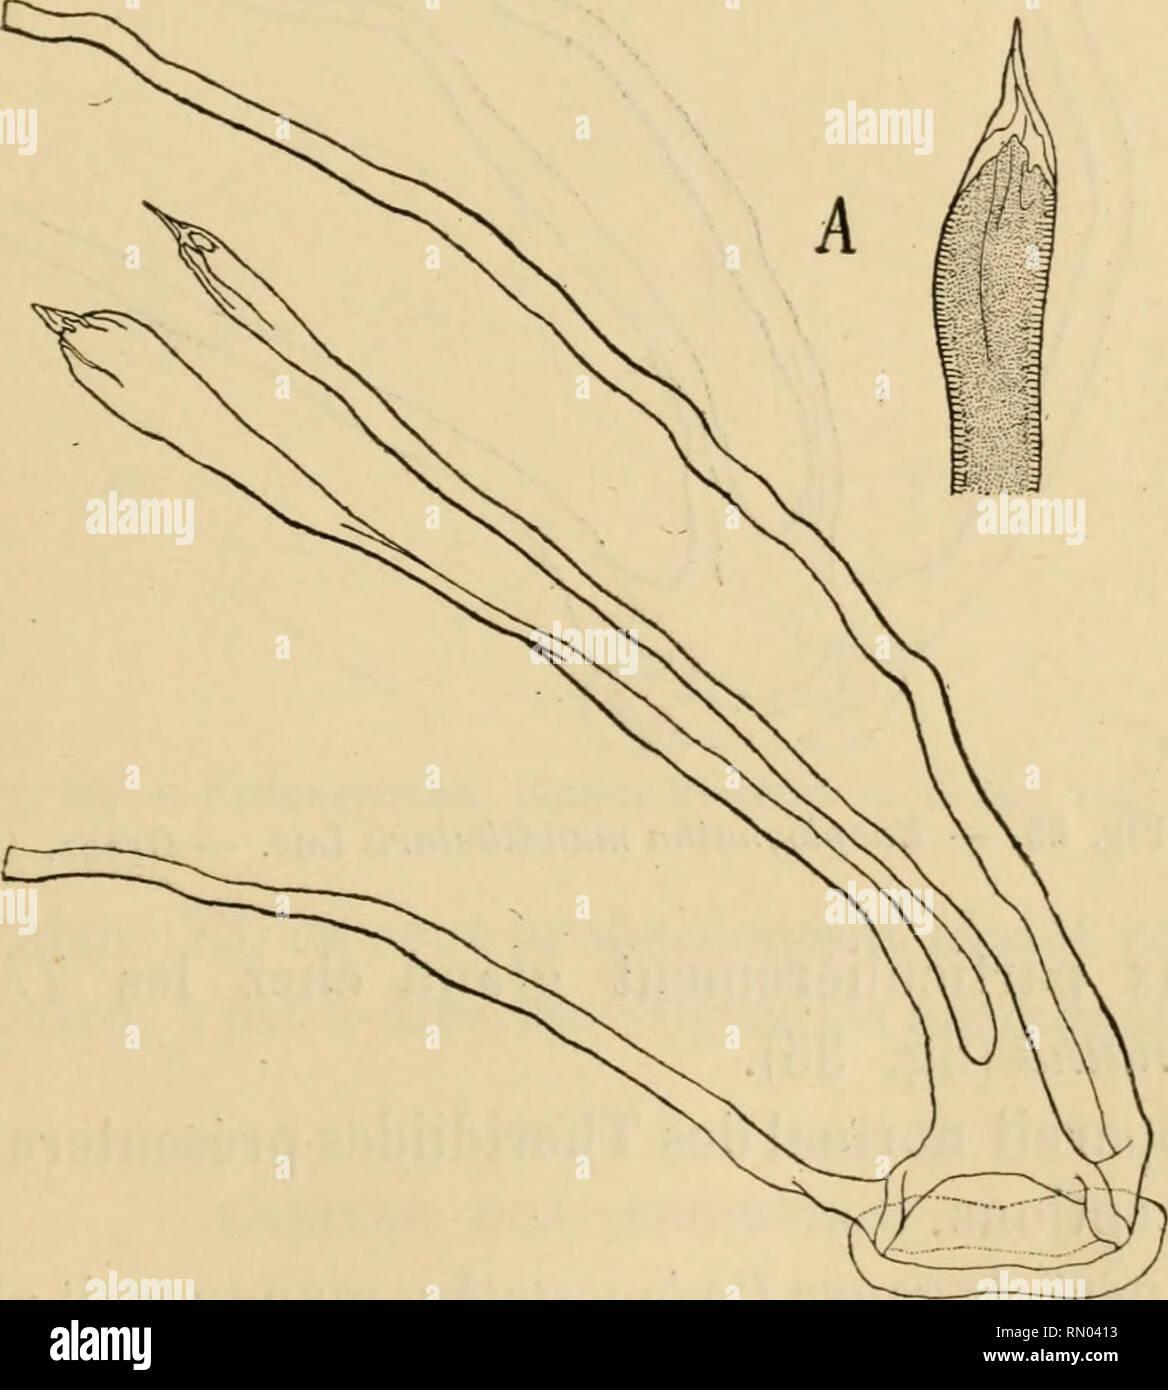 . Annales des sciences naturelles. Zoology; Biology. RECHERCHES SUR LES TRACHÉES DES ARAIGNÉES. 193 Chez les Pholcides donc, nous trouvons un appareil tra- chéen qui, déjà très rudimentaire chez l'Holocnemus, où il n'est représenté que par deux tendons médians, devient nul chez l'Artème et le Pholque. FAMILLE DES THERIDIID^E Espèces étudiées : Theridion lineatum Cl., Th. formosum Cl. Enoplognatha mandibularis Luc, Asagena phalerata Panzer, Lithyphantes paykulliamis Walck., Pedasnostethus lividus Blackw. Ainsi que le dit Bertkau [78], dans la famille des Thé- ridndes (diminuée ici des genres Li - Stock Image